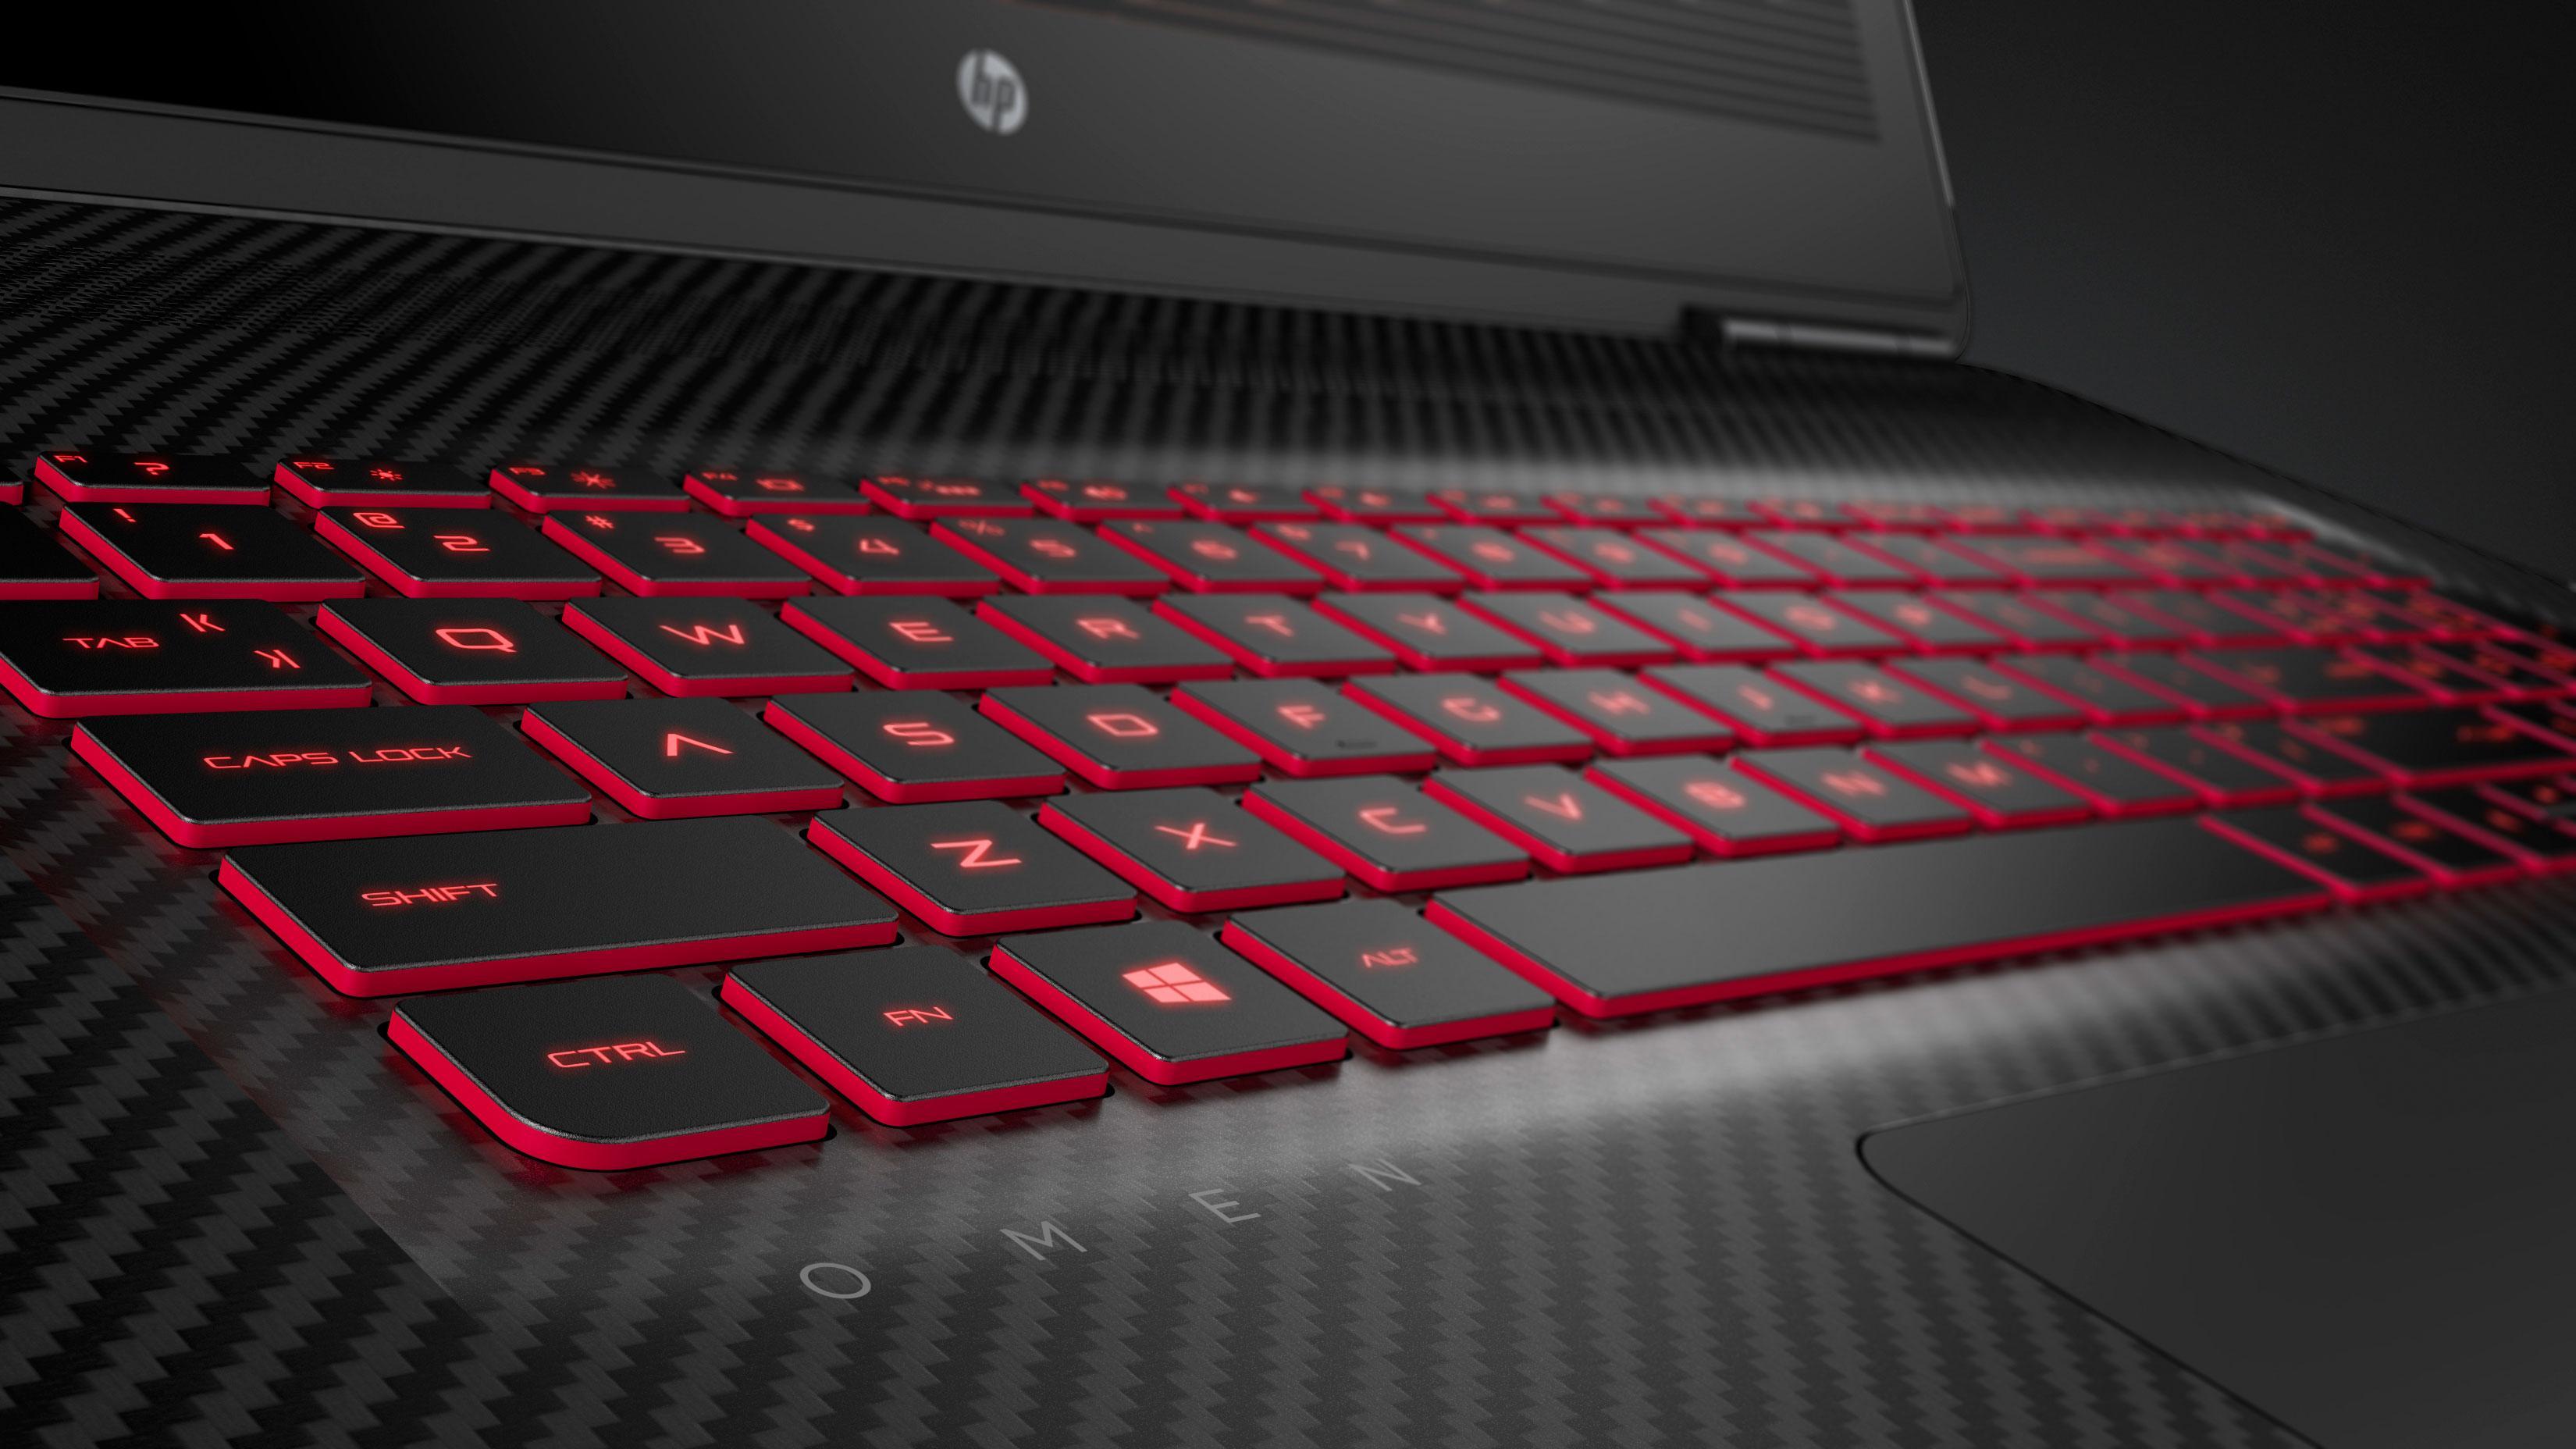 Omen By Hp 17 W196na Laptop 17 3 Inch Full Hd Intel